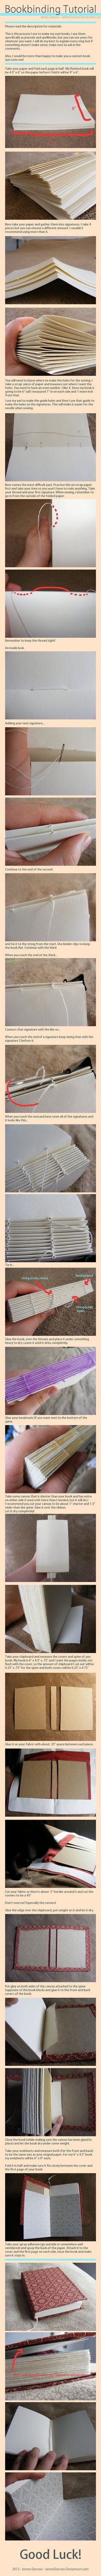 Standard+Case+bound+book+#Arts+Design